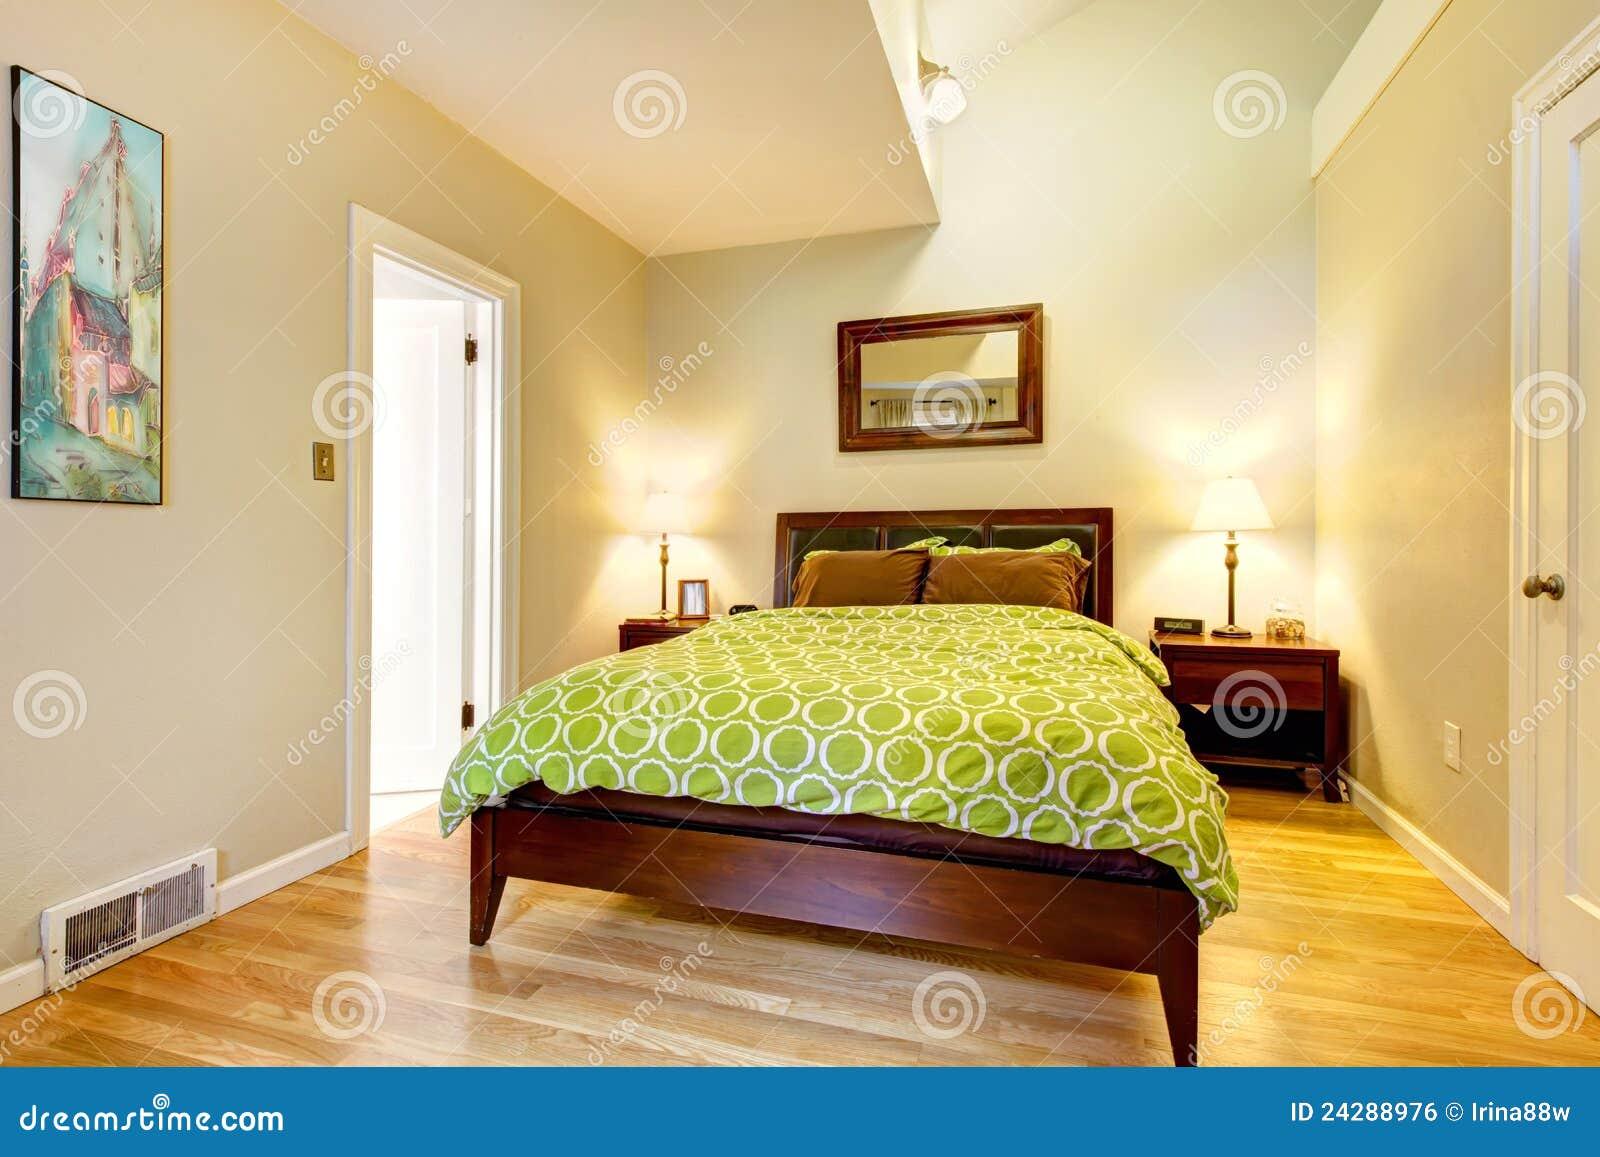 Moderne groene en beige slaapkamer met bruin bed royalty vrije stock afbeelding afbeelding - Ontwerp bed hoofden ...